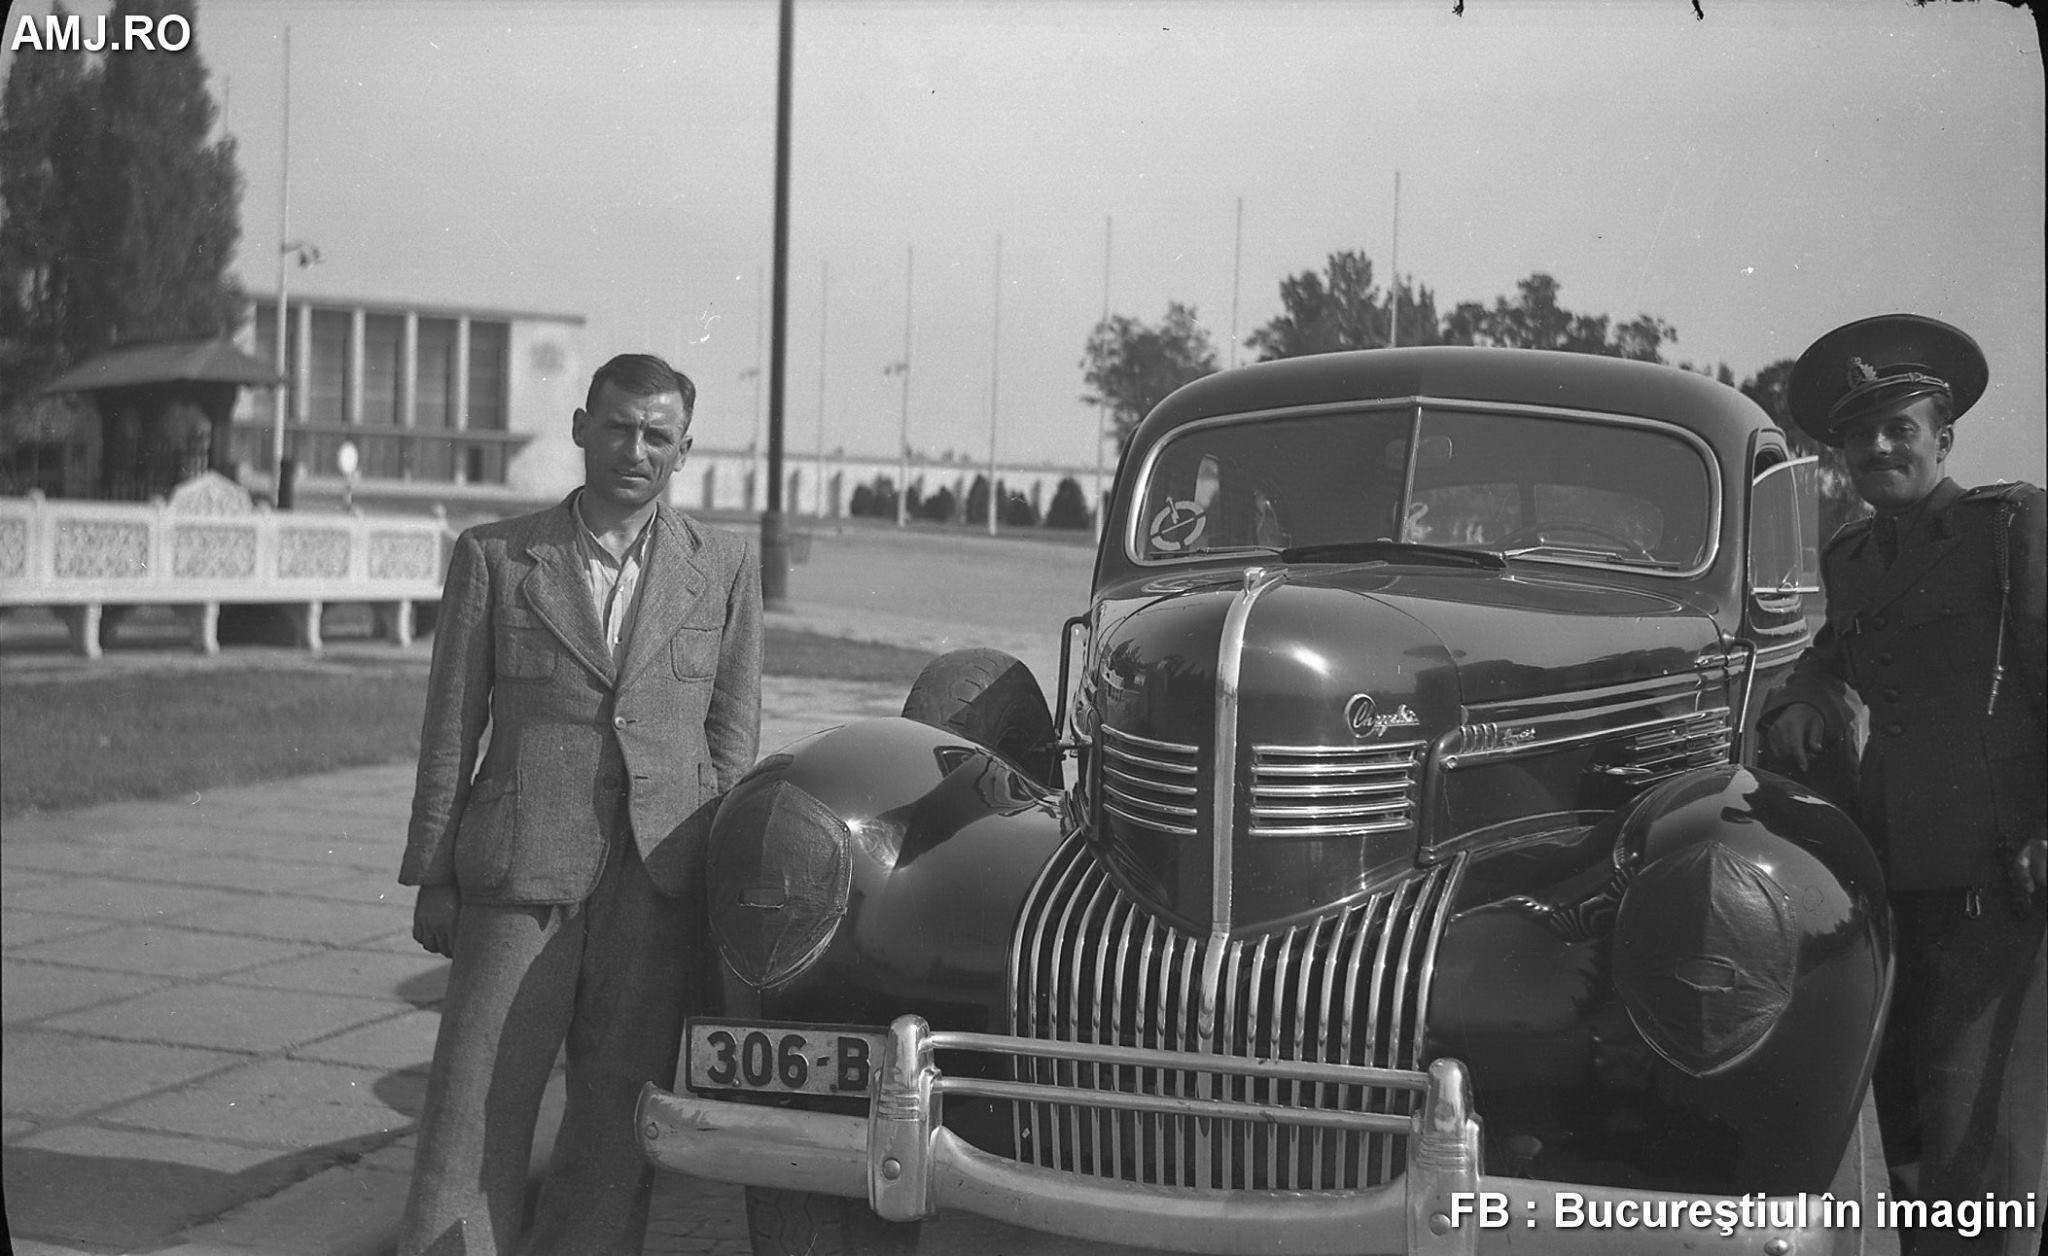 """București, 1943 sau 1944: automobil Chrysler, cu farurile camuflate, parcat în fața Gării Regale de la Băneasa (în piațeta unde se găsesc Vila Minovici, supranumită """"vila cu clopoței"""" și Fântâna Miorița). Pe fundal se observă gara și banca cu valoare artistică din fața Muzeului Minovici. În foișorul Vilei Minovici se găsesc clopoței care sună atunci când bate vântul, suficient de tare pentru a putea fi auziți din stradă…"""